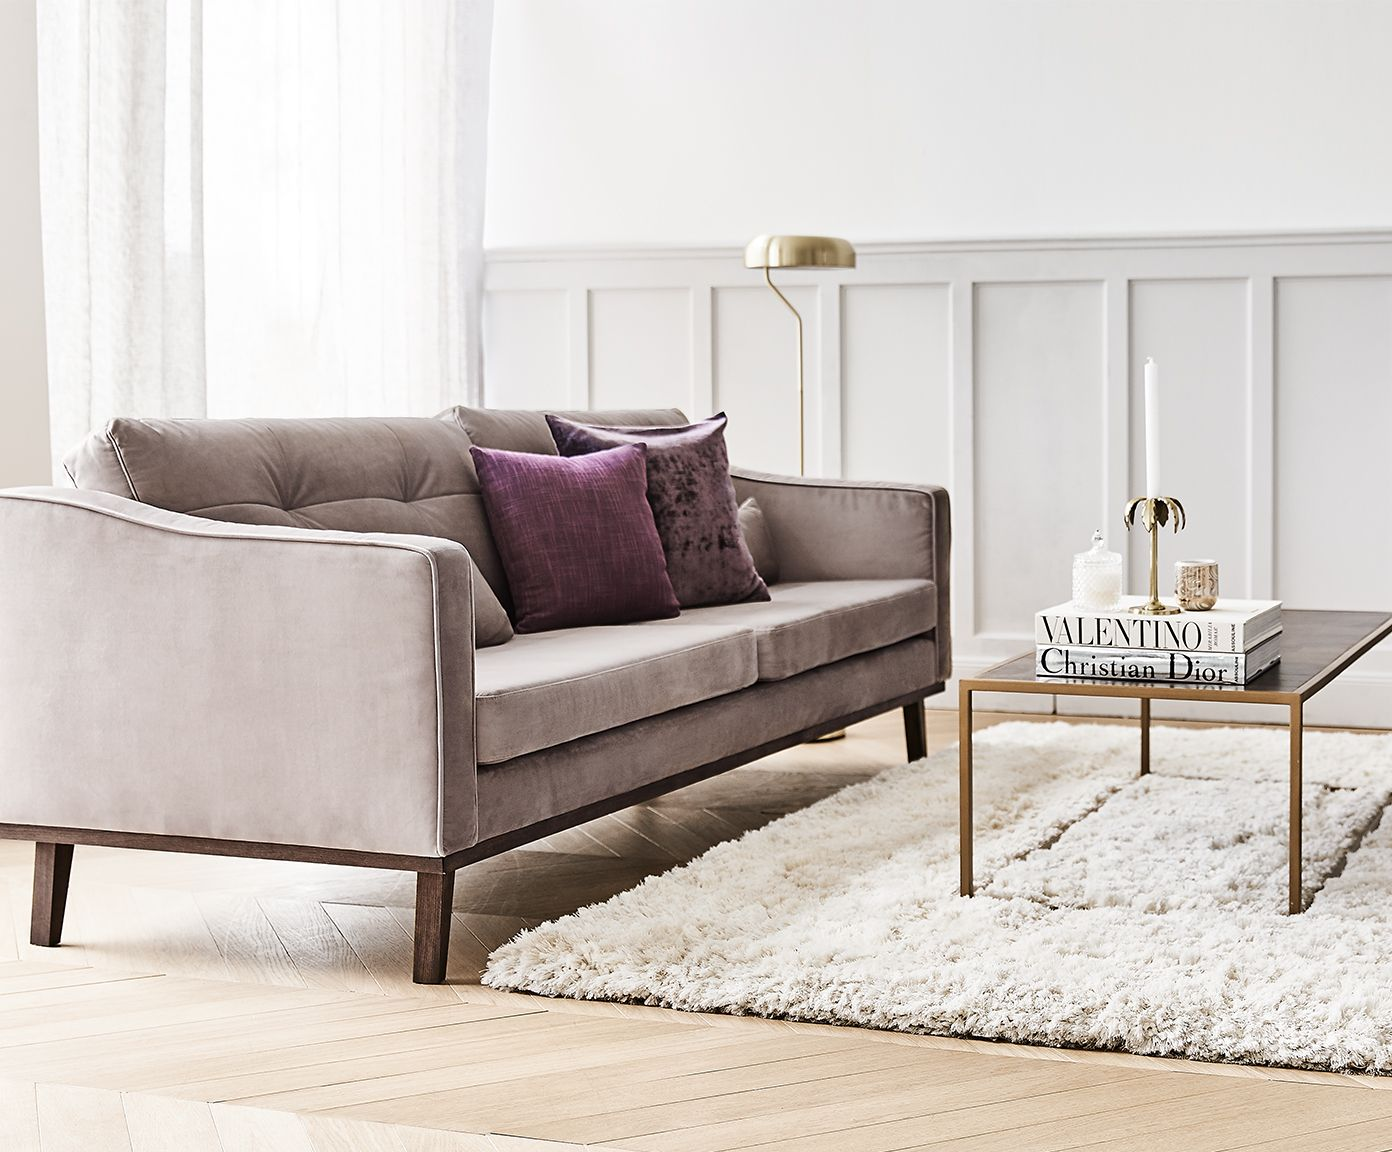 Amüsant Big Sofa Samt Dekoration Von Entdecken Sie Samt-sofa Alva (3-sitzer) In Taupe